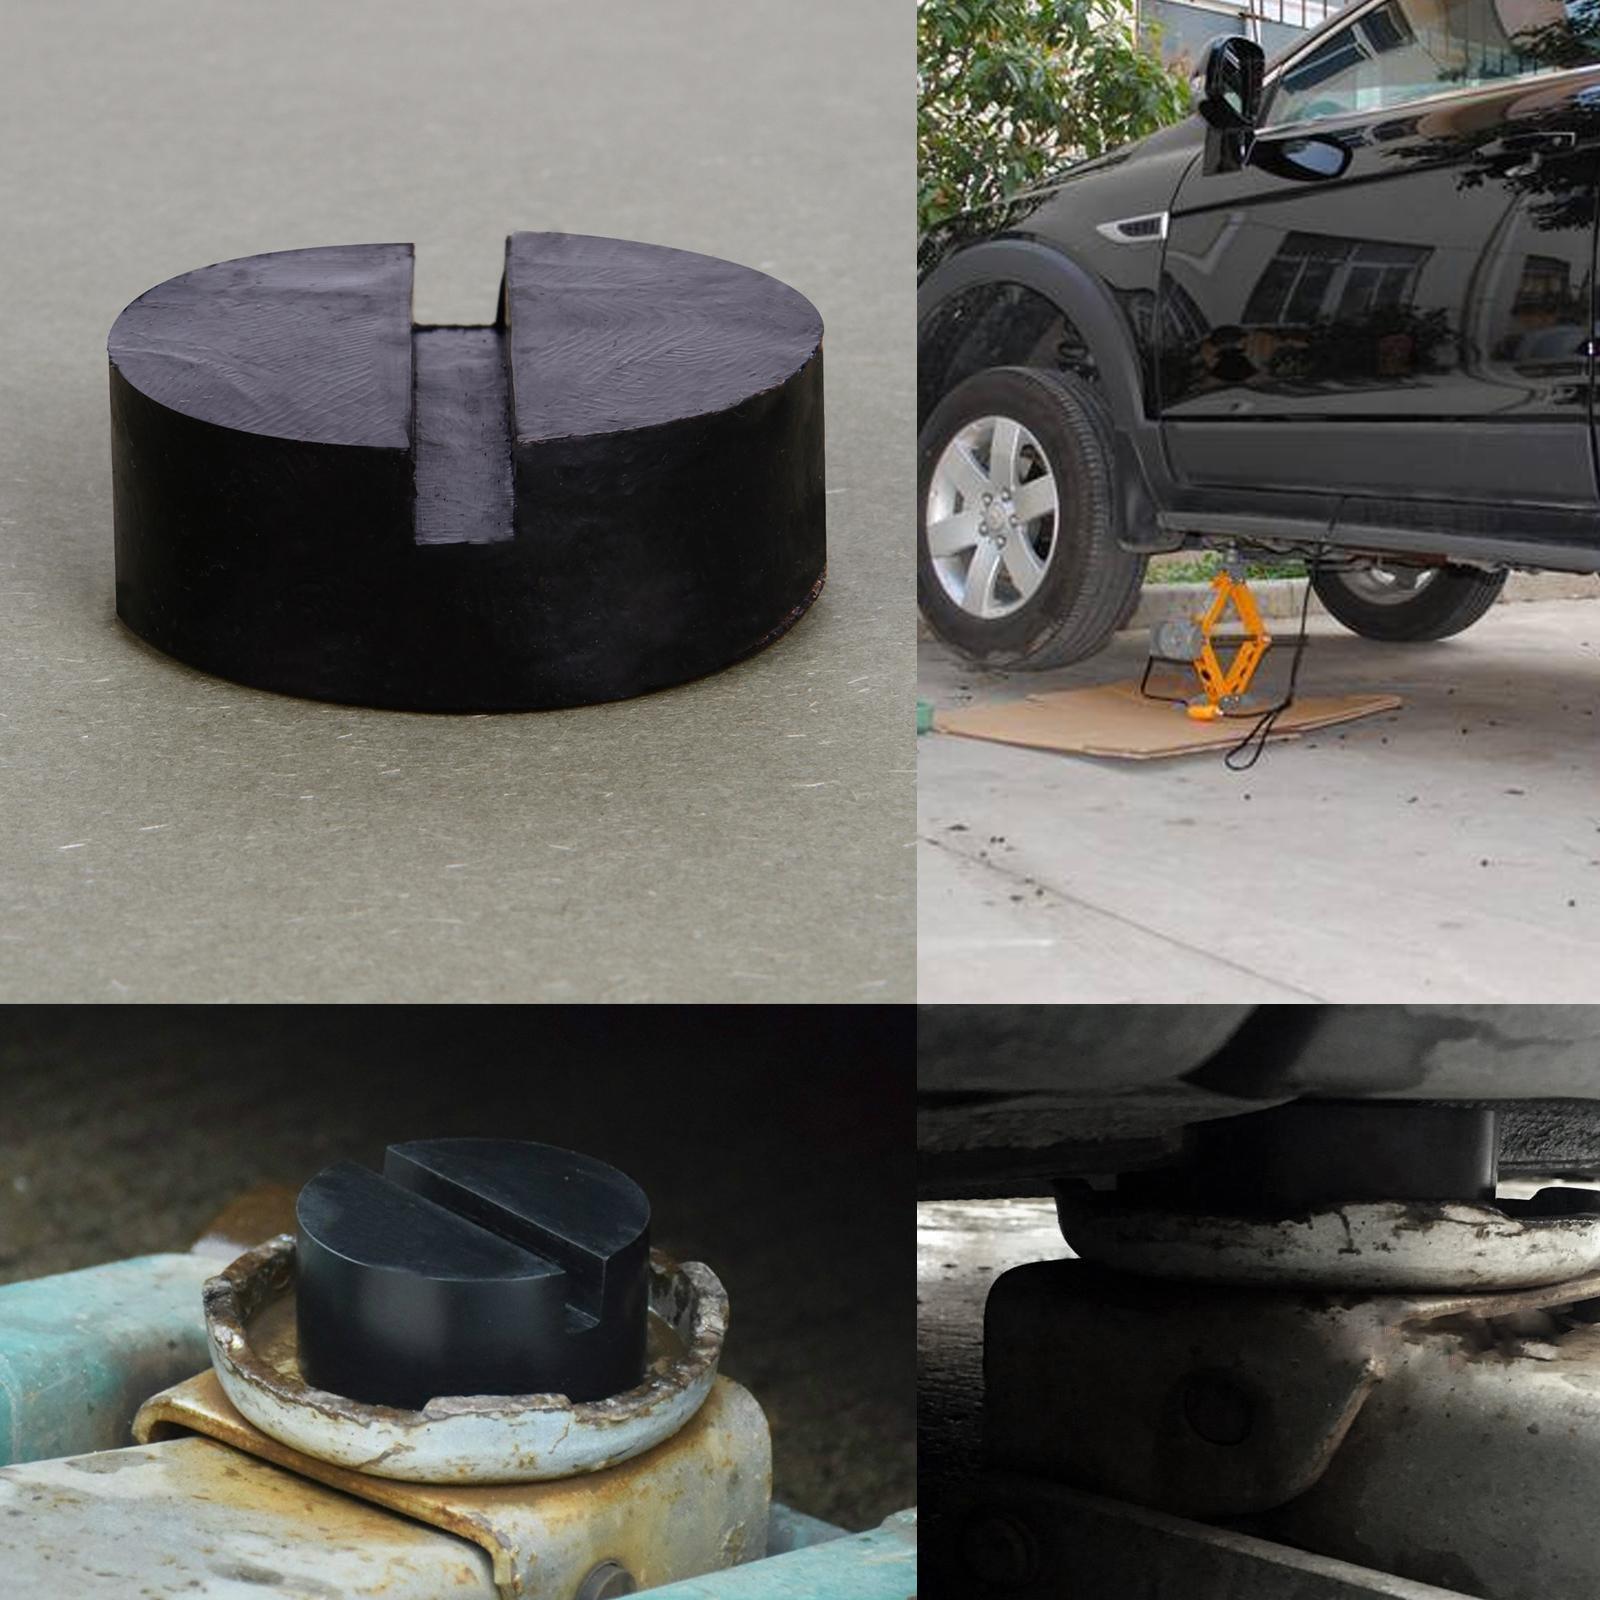 bloc caoutchouc cric de levage hydraulique solide voiture outil raparation ebay. Black Bedroom Furniture Sets. Home Design Ideas